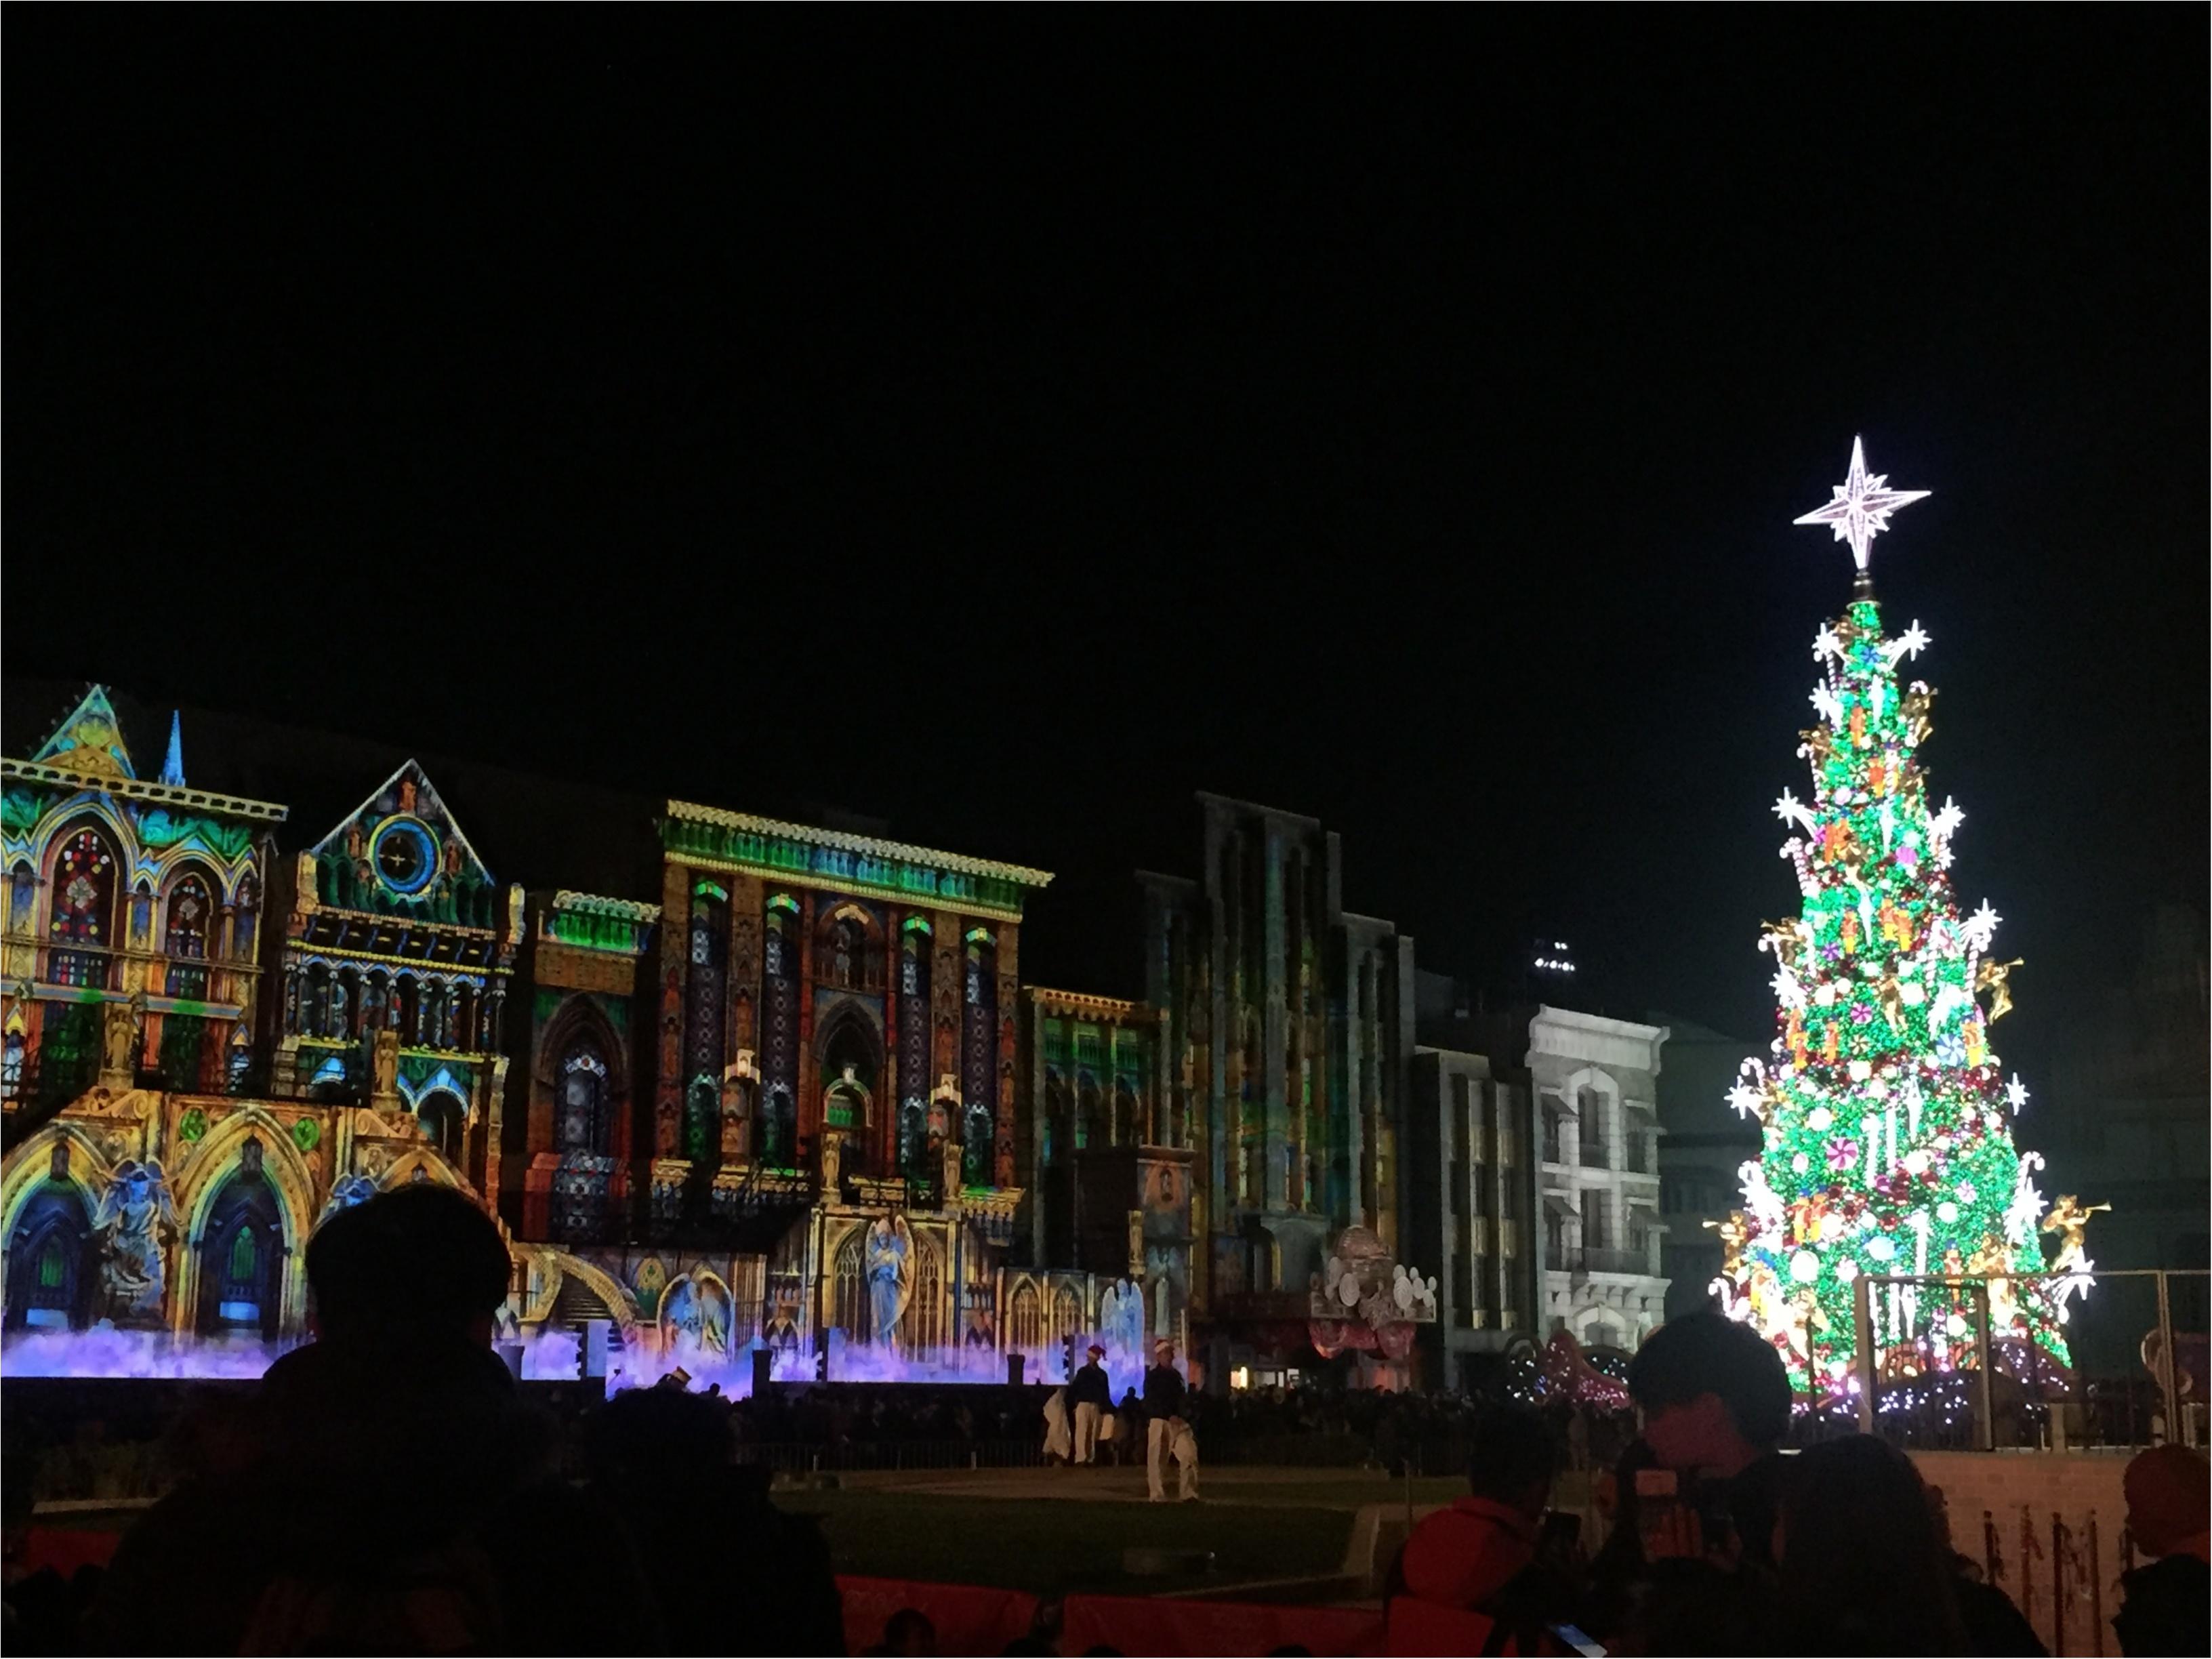 クリスマスモード一色のユニバは歩くだけで楽しい!こだわりのイルミネーションを楽しもう!_2